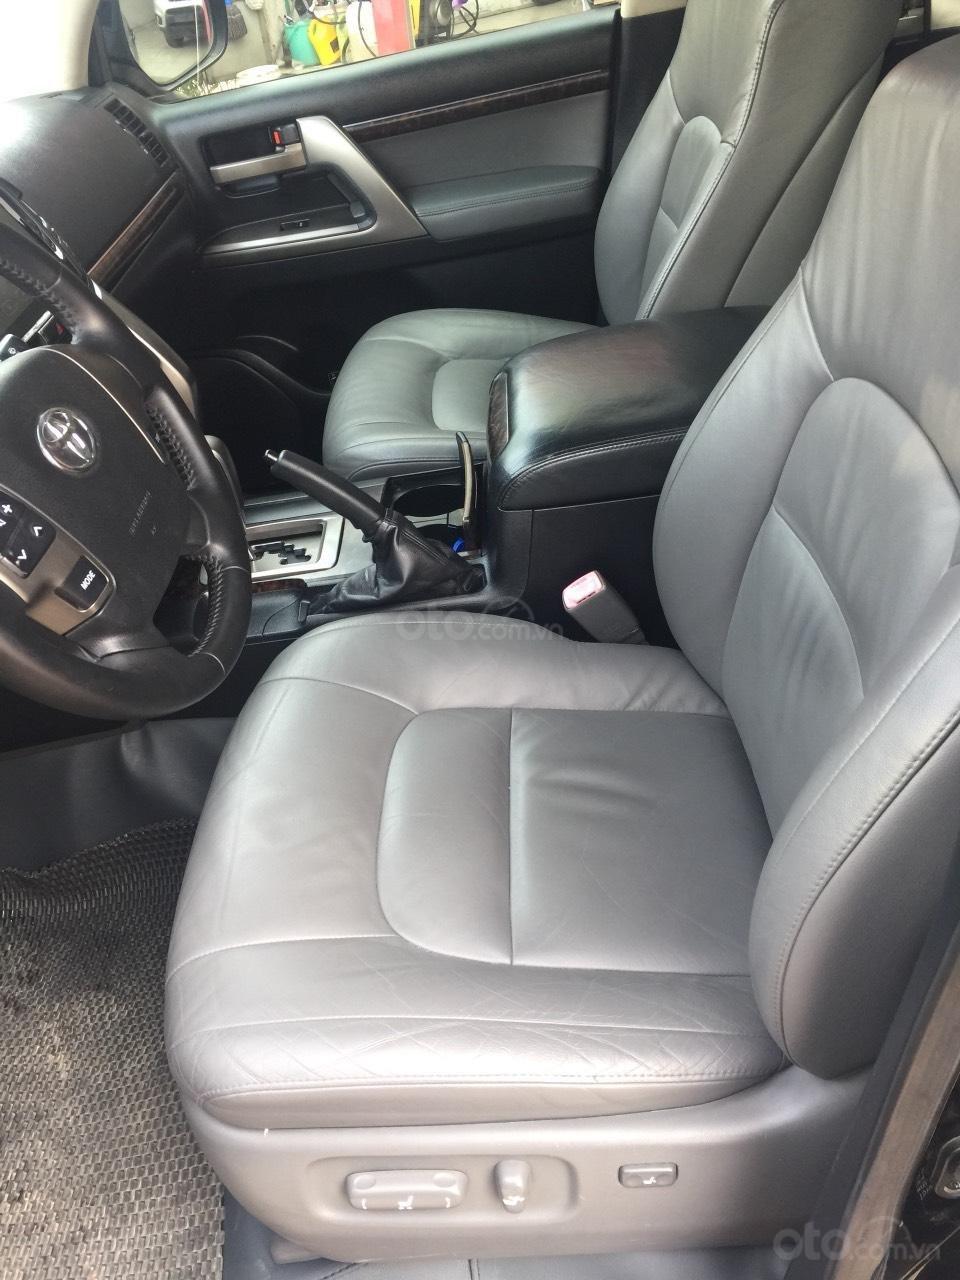 Bán Toyota Land Cruiser VX sản xuất 2008, màu đen nhập khẩu Nhật Bản, xe zin từ trong ra ngoài (7)